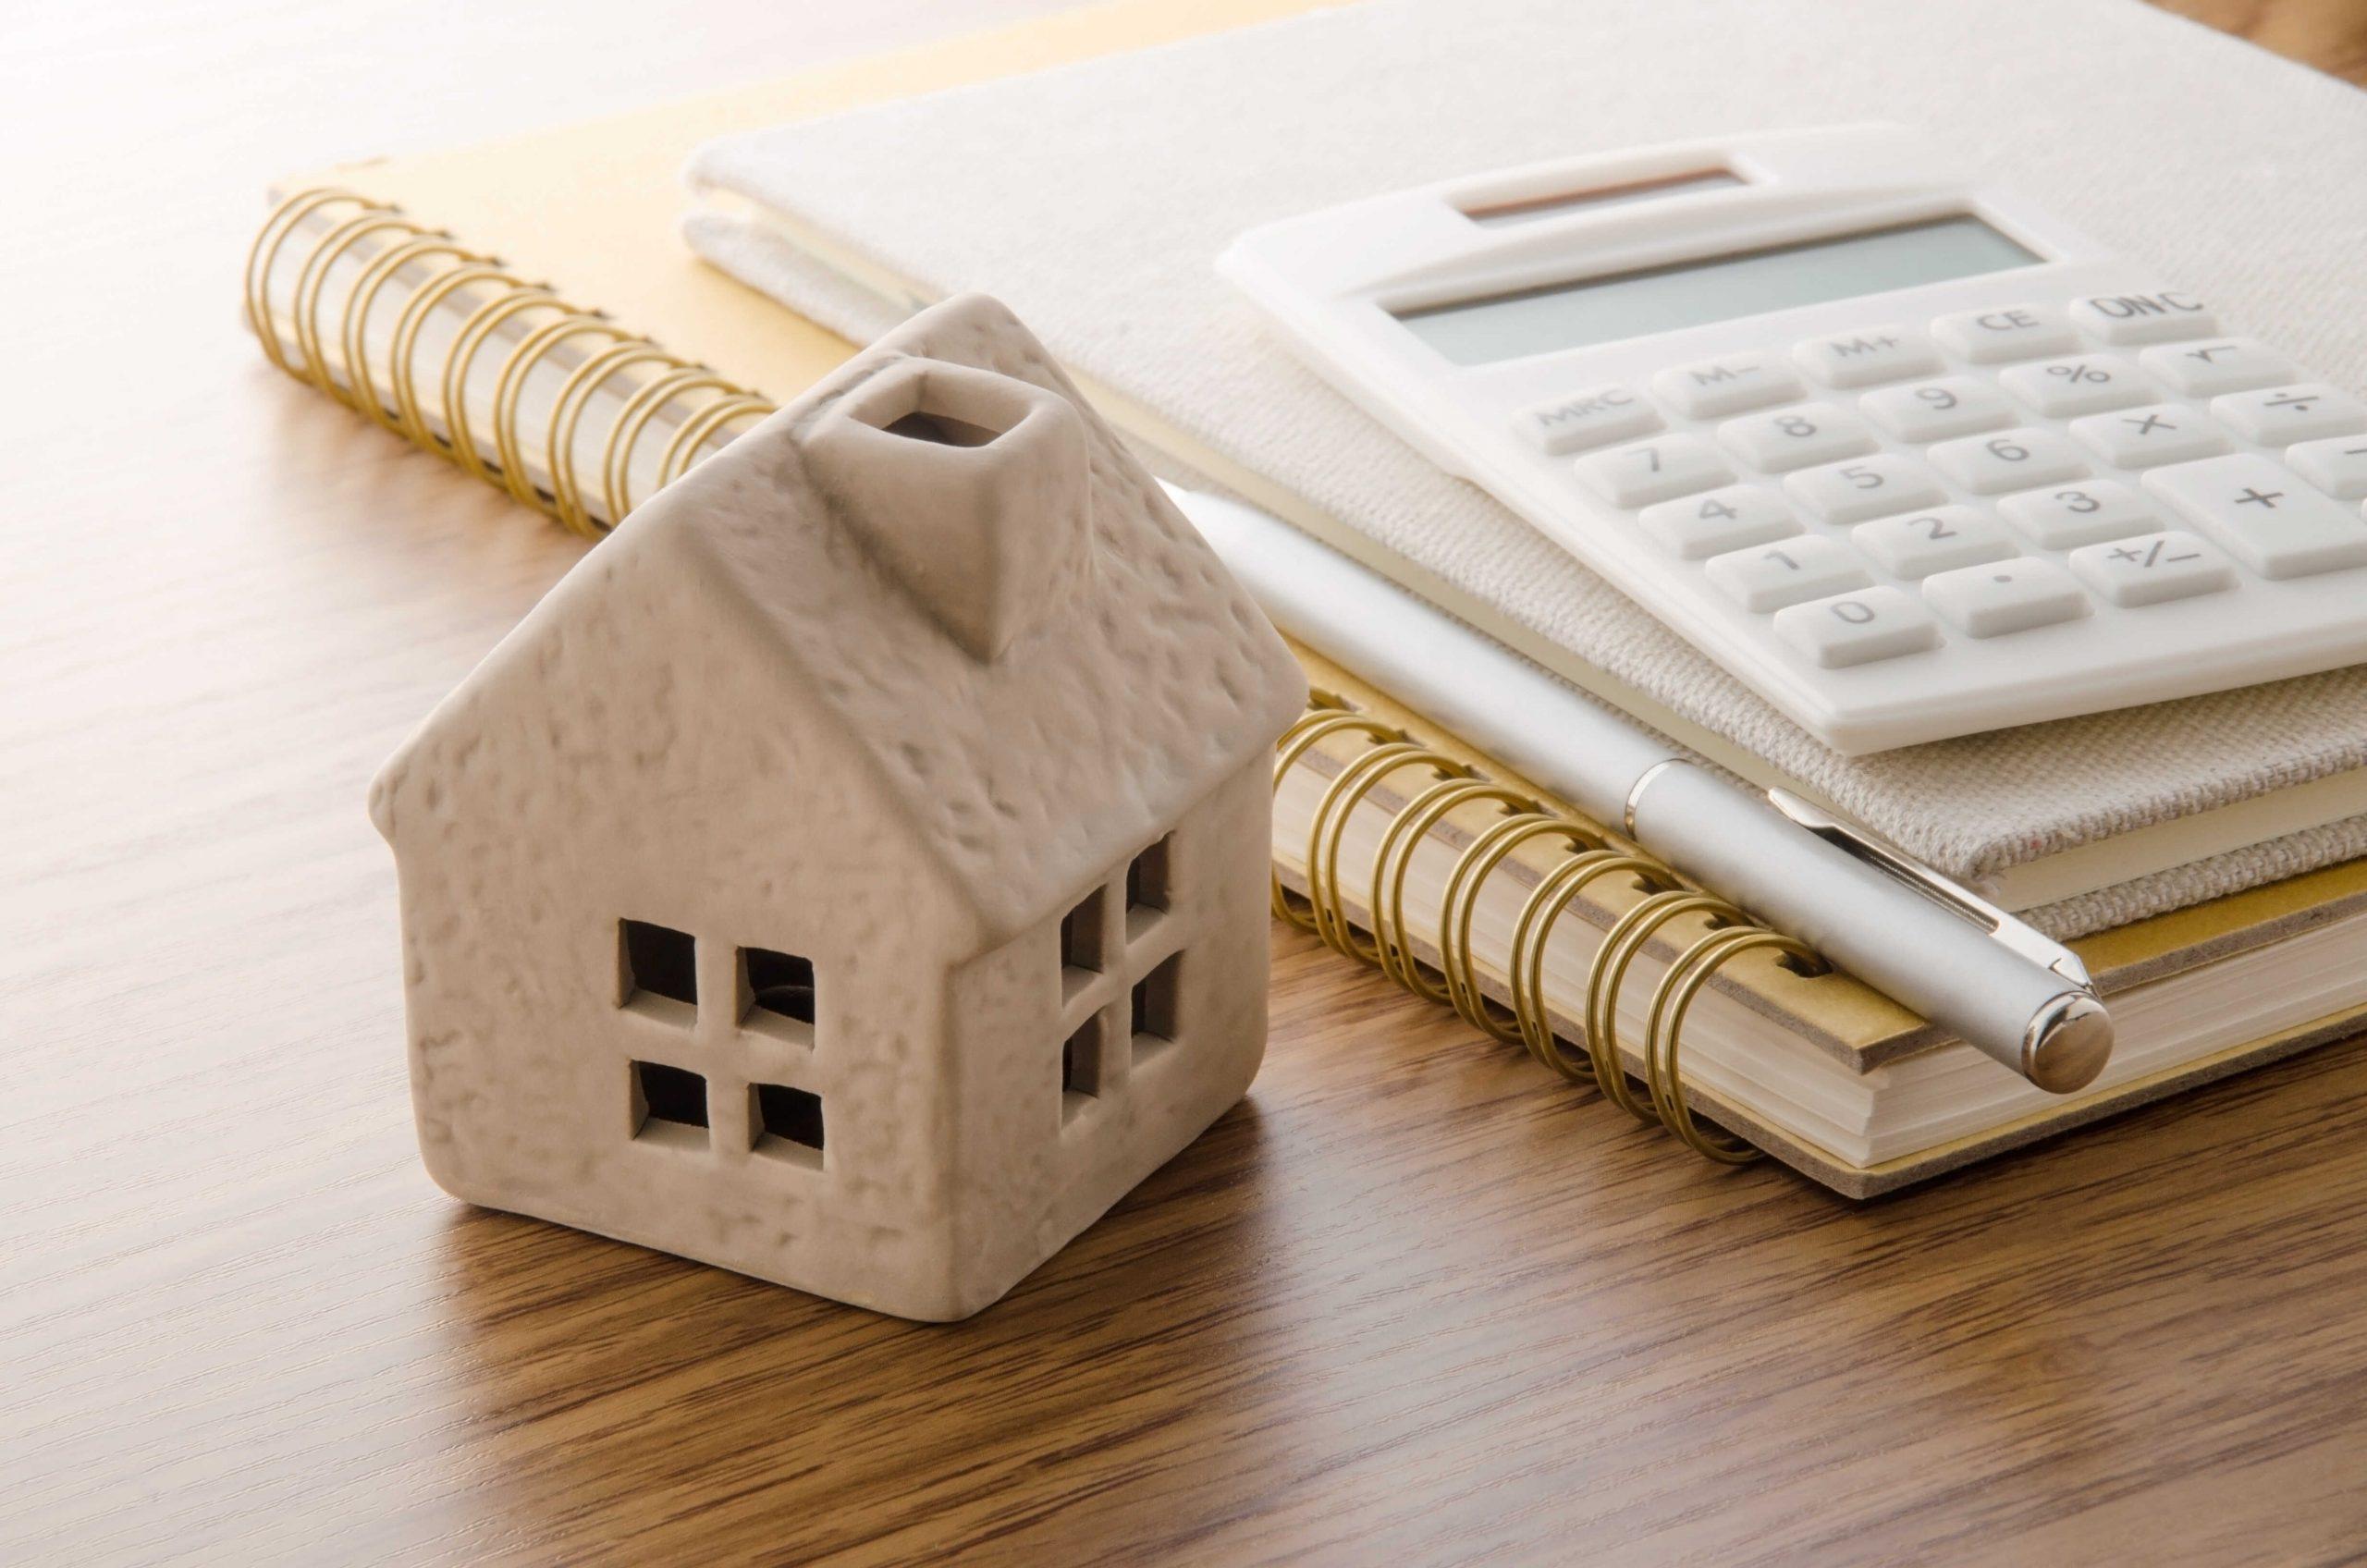 Refinanciamiento de un Credito Hipotecario